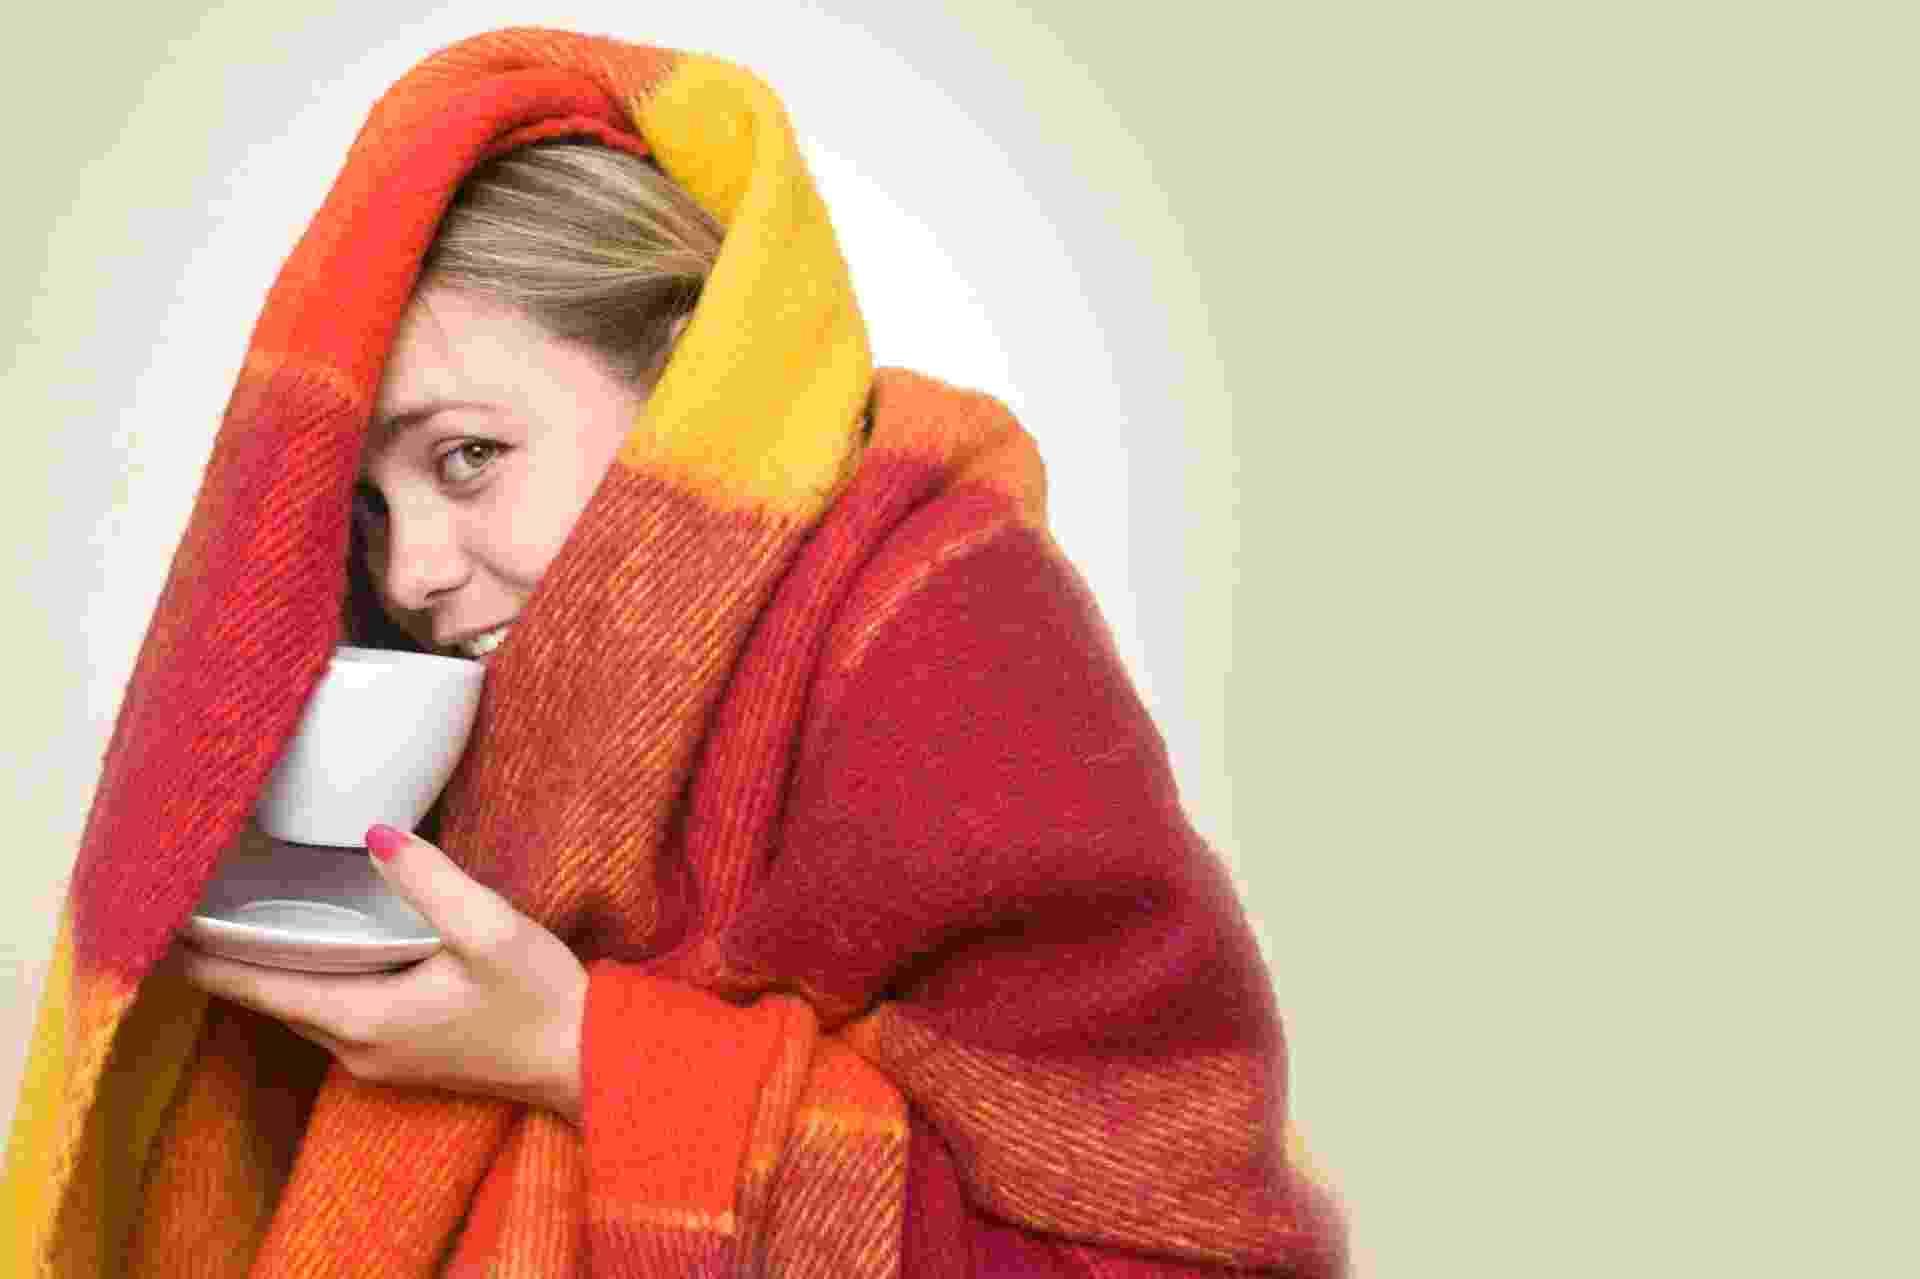 O inverno chegou e as temperaturas vêm caindo... para que suas noites de sono sejam mais quentinhas e os momentos de lazer mais calorosos, o UOL Casa e Decoração fez uma lista de mantas, cobertores e edredons. Escolha o seu! - Getty Images